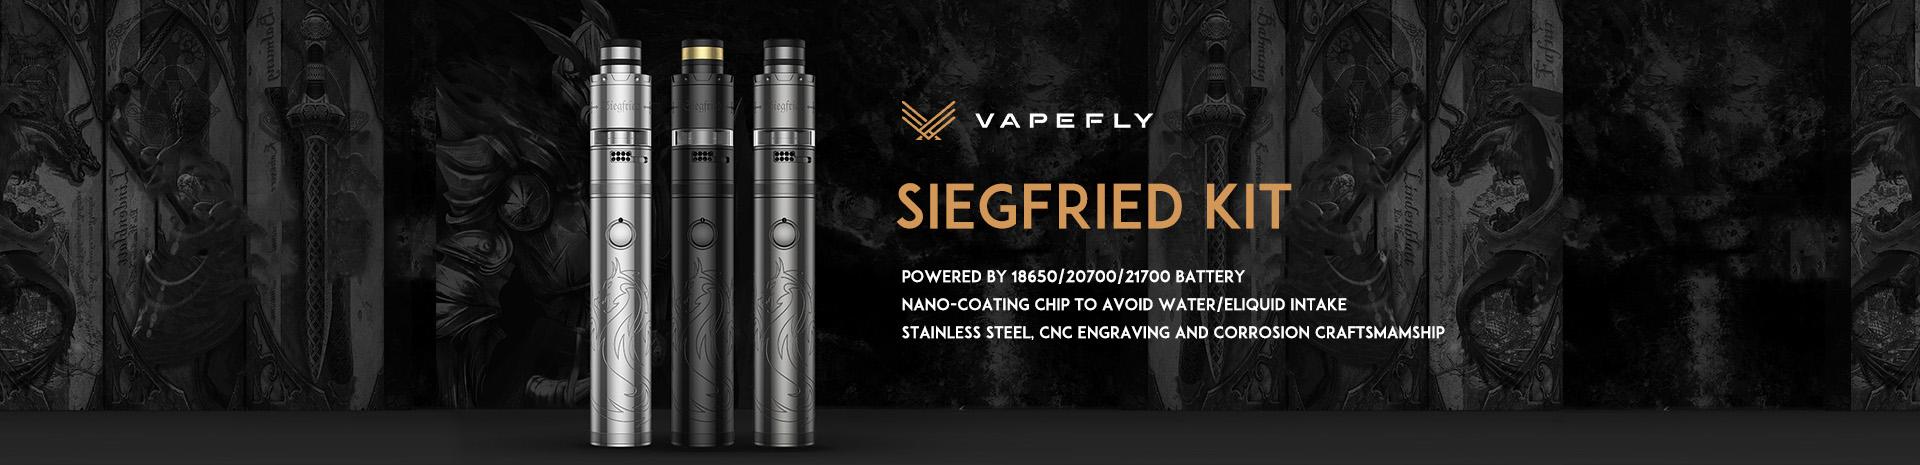 Vapefly Siegfried Kit Banner